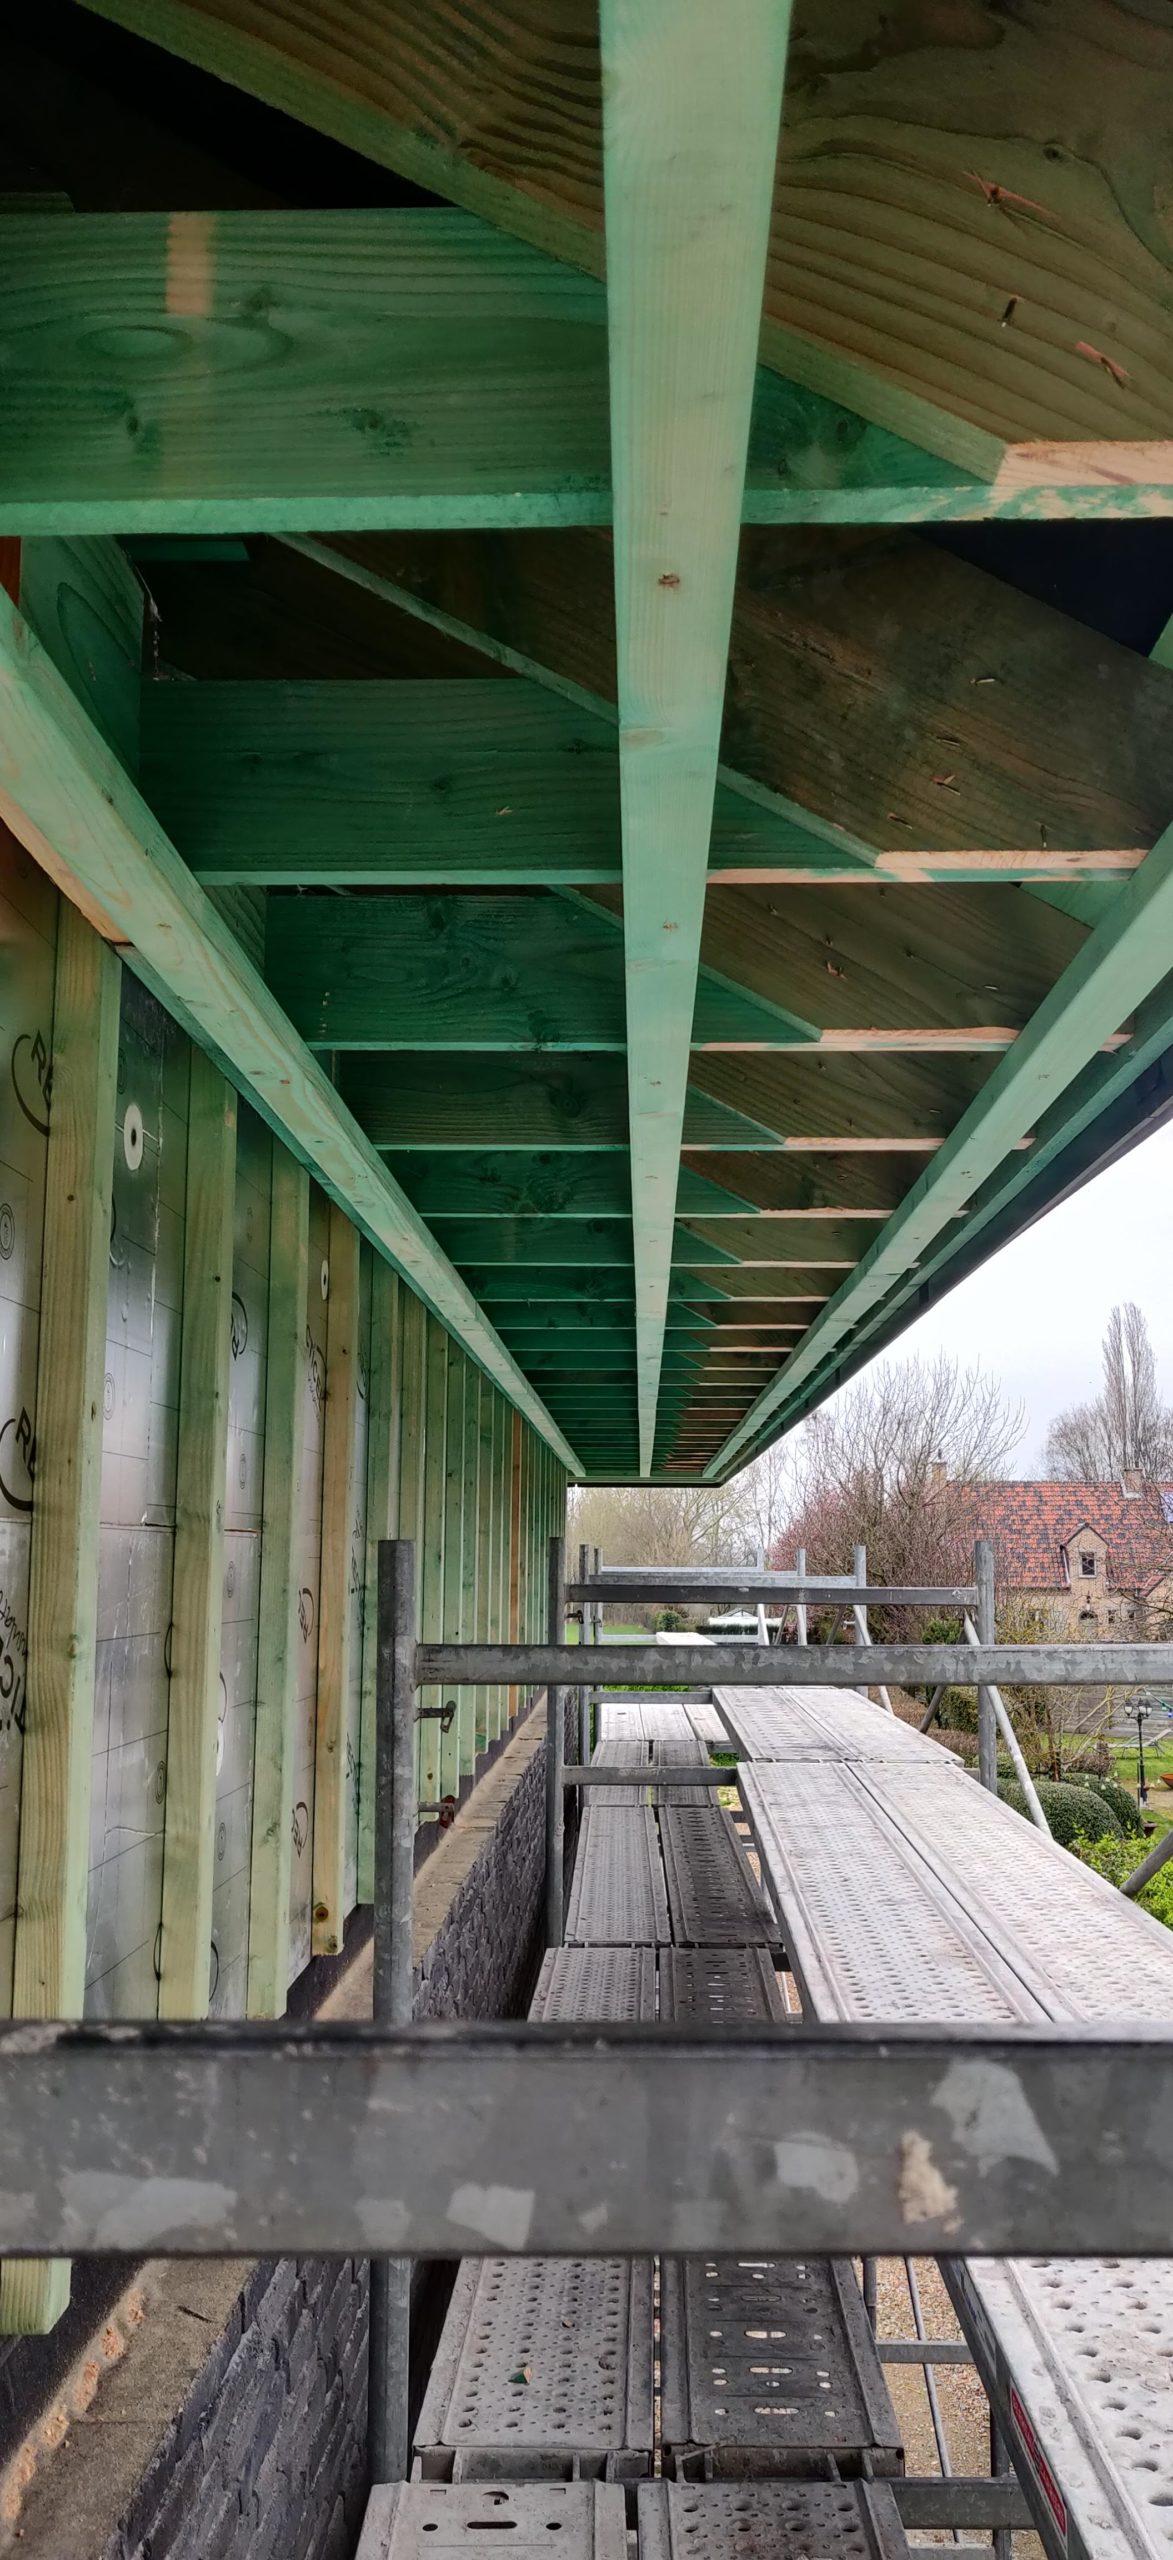 Nieuwbouw te Meerbeke gallery image 2